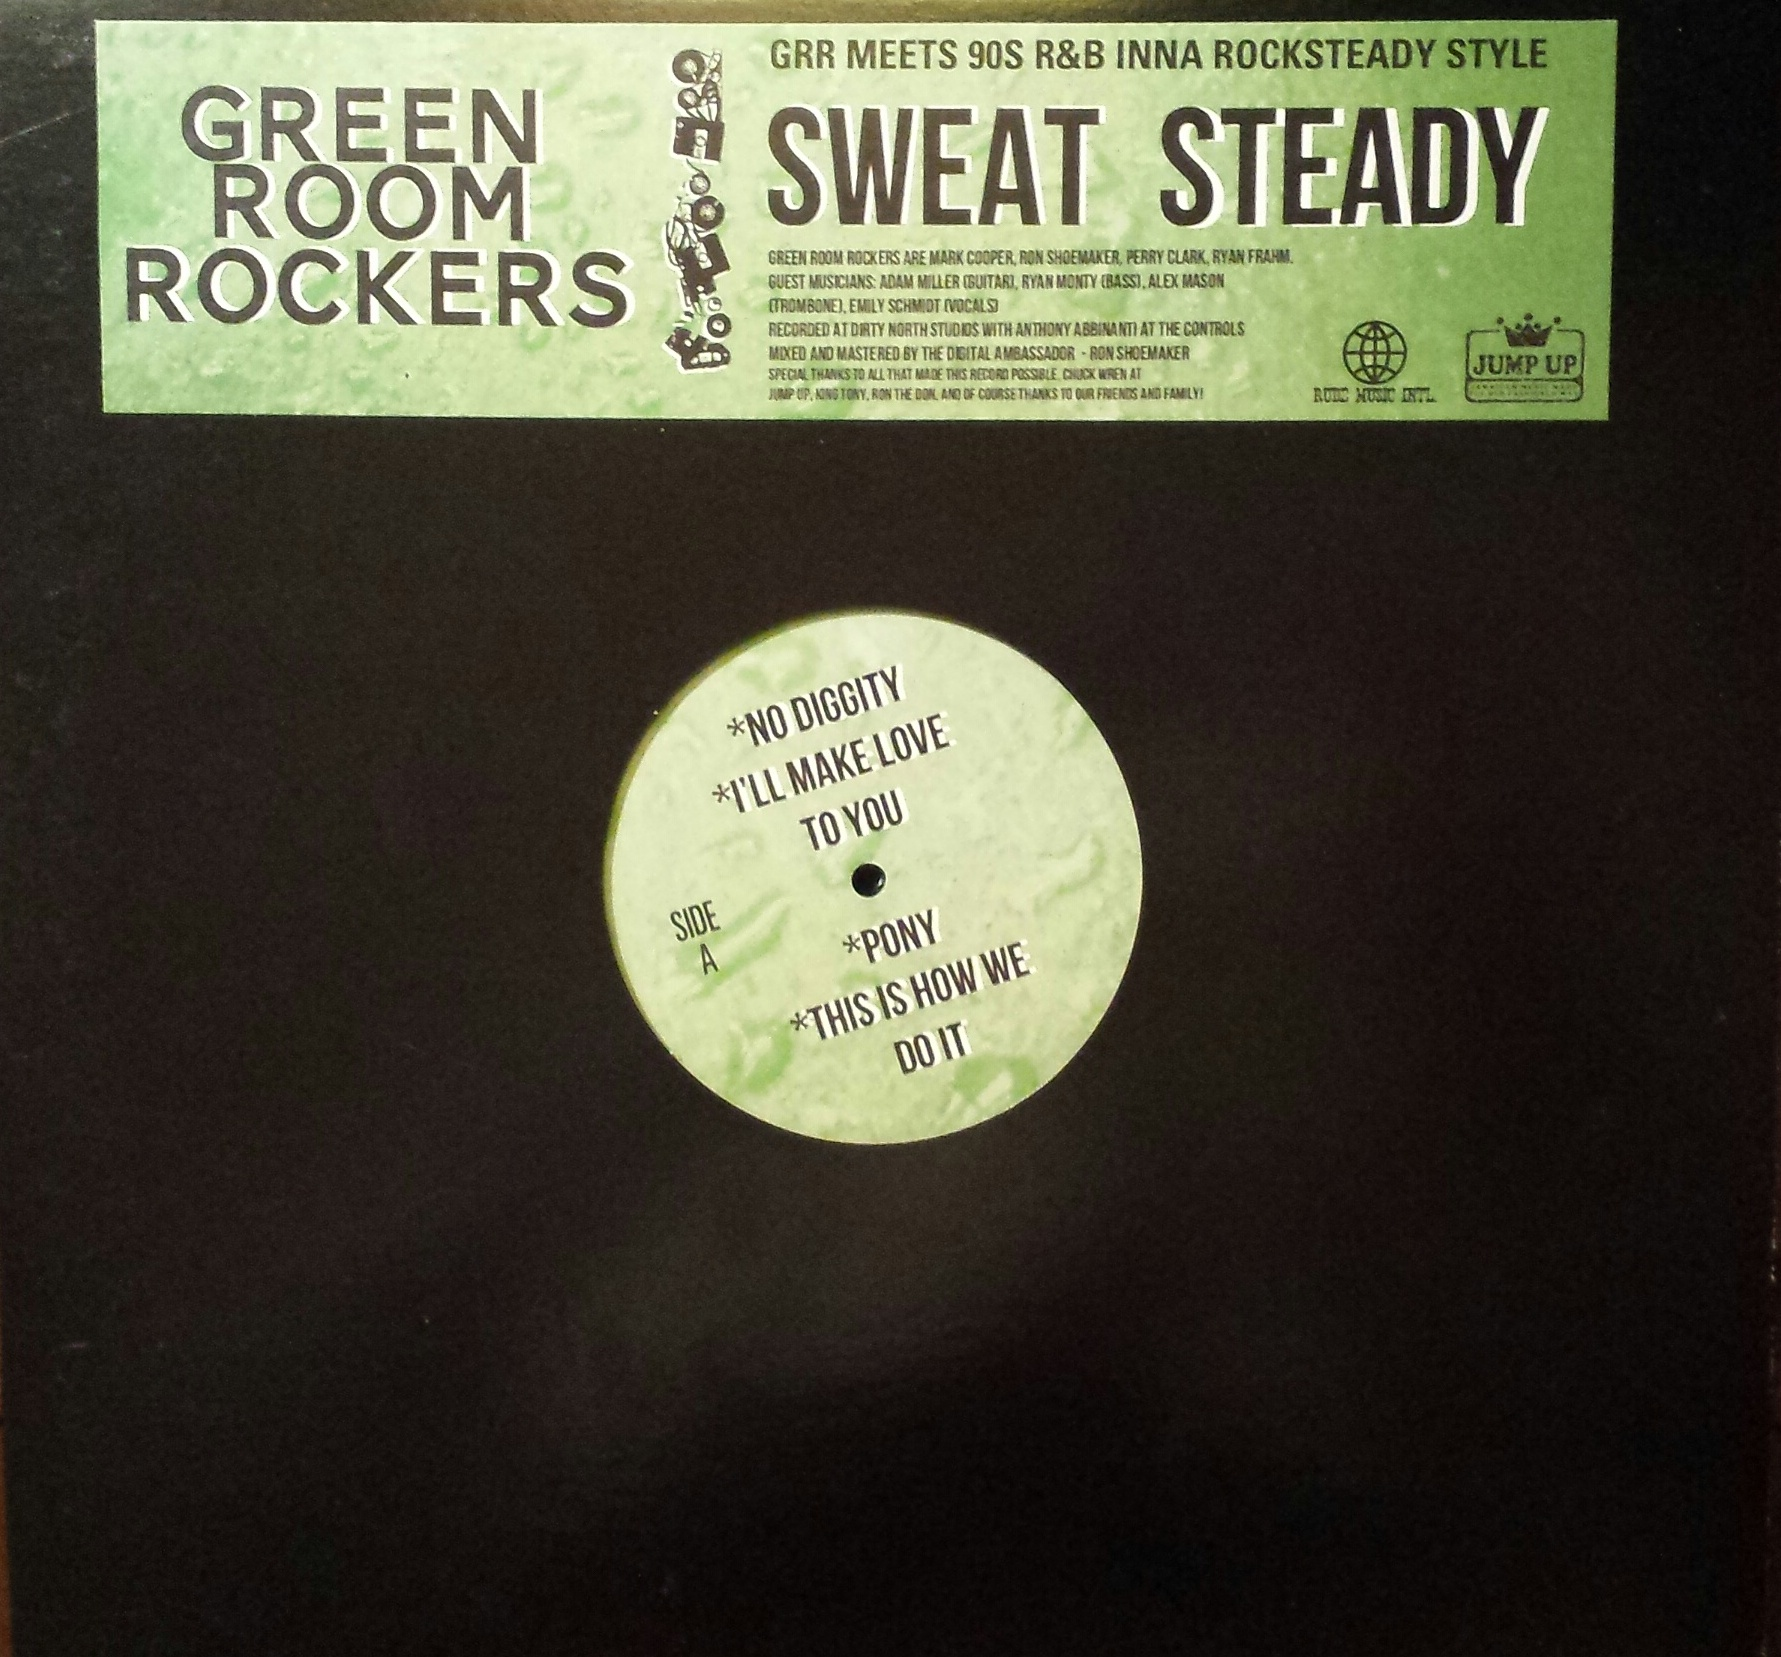 Green Room Rockers/SWEAT STEADY LP